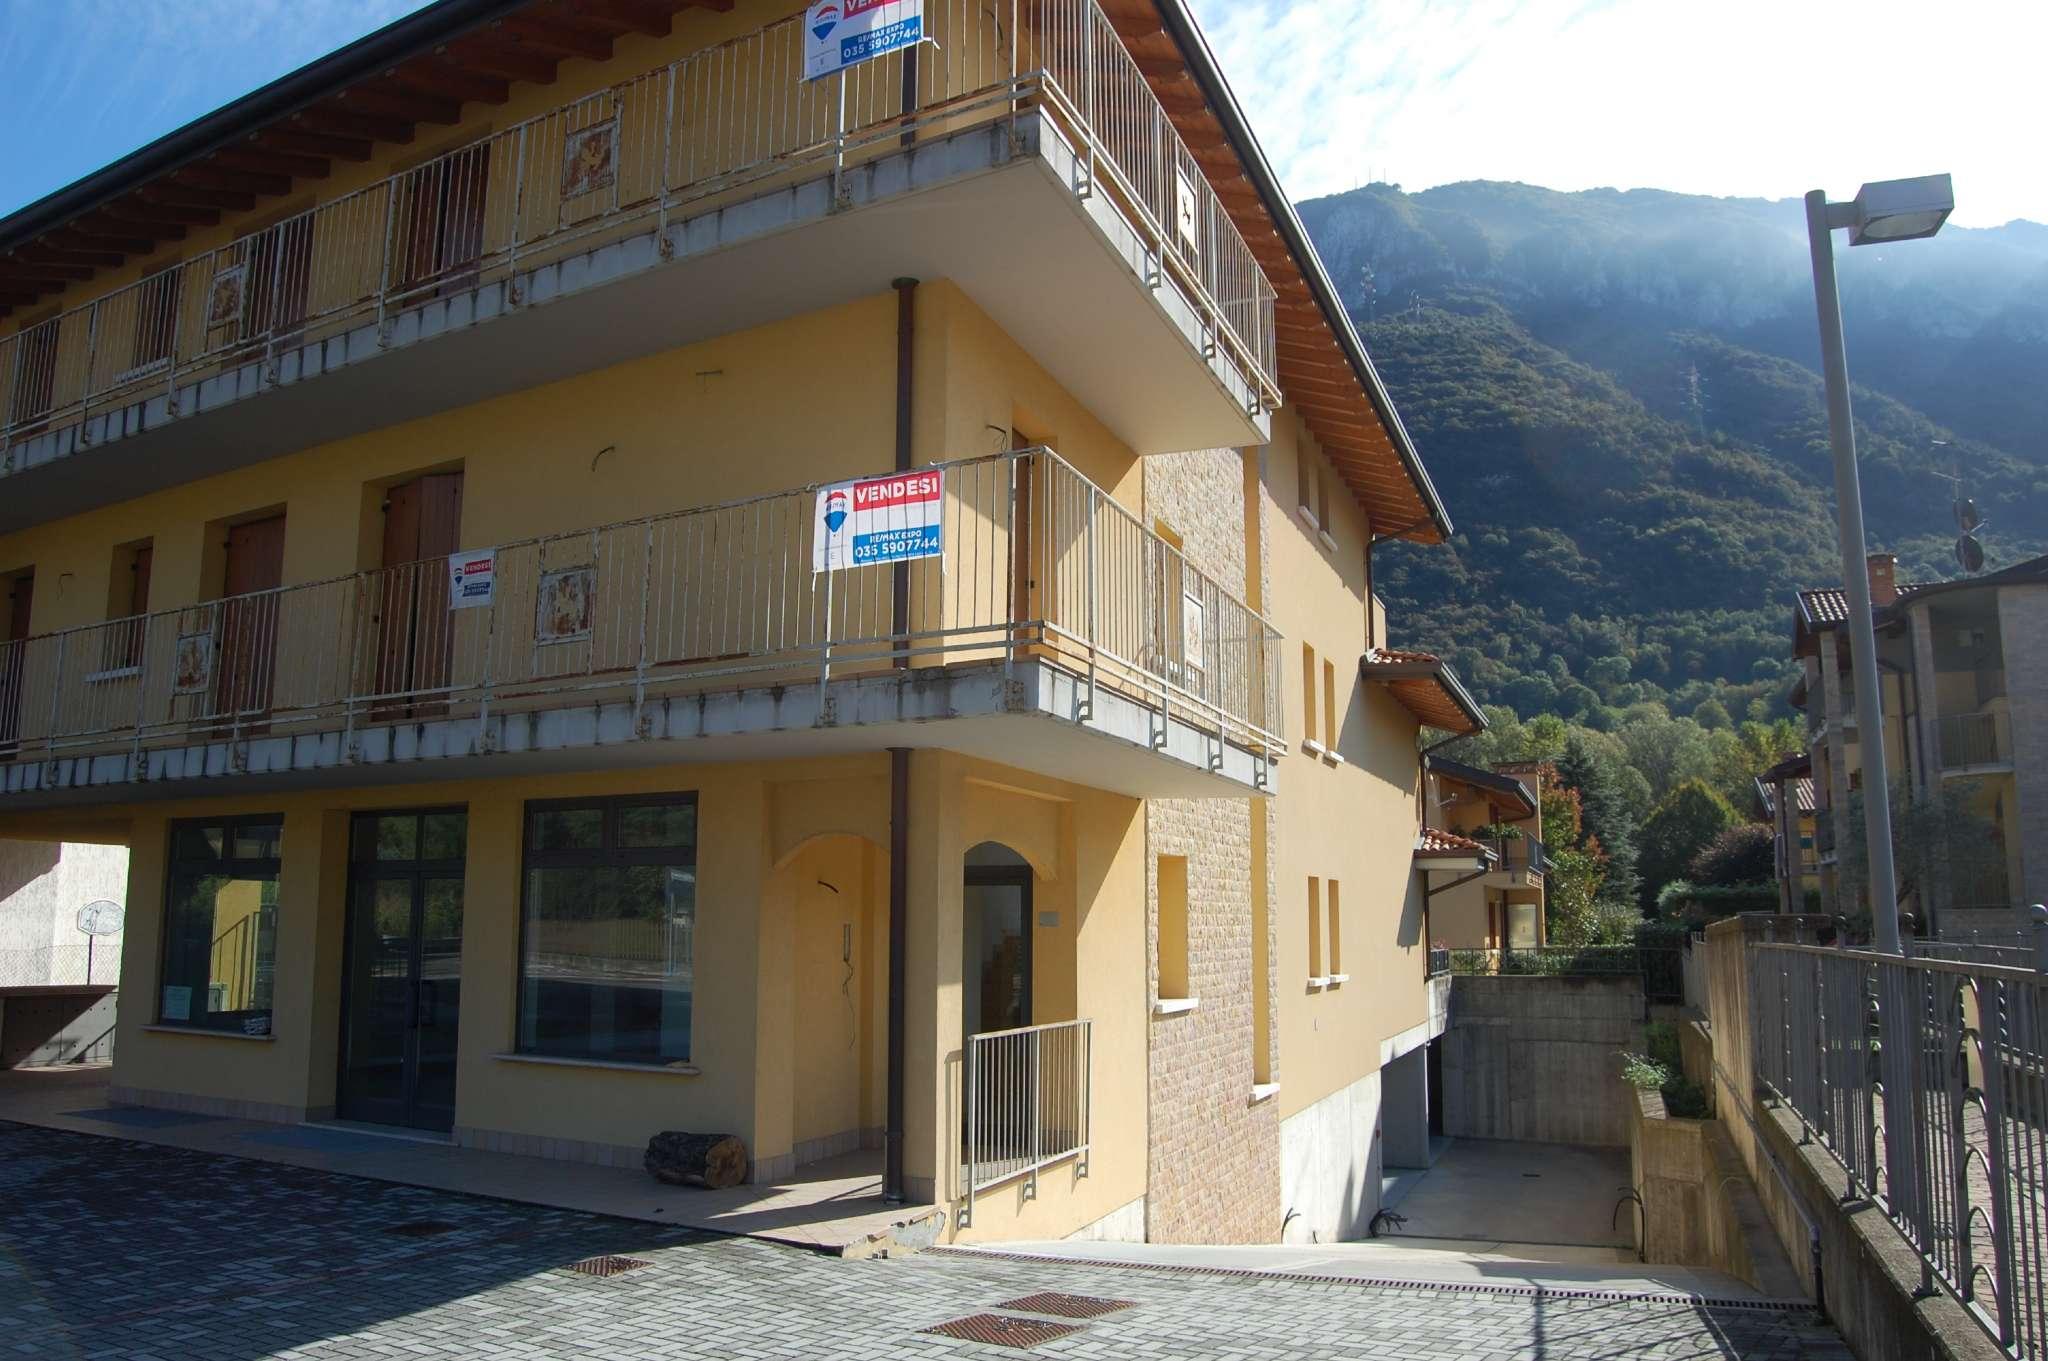 Appartamento in vendita a Casazza, 4 locali, prezzo € 139.000 | PortaleAgenzieImmobiliari.it